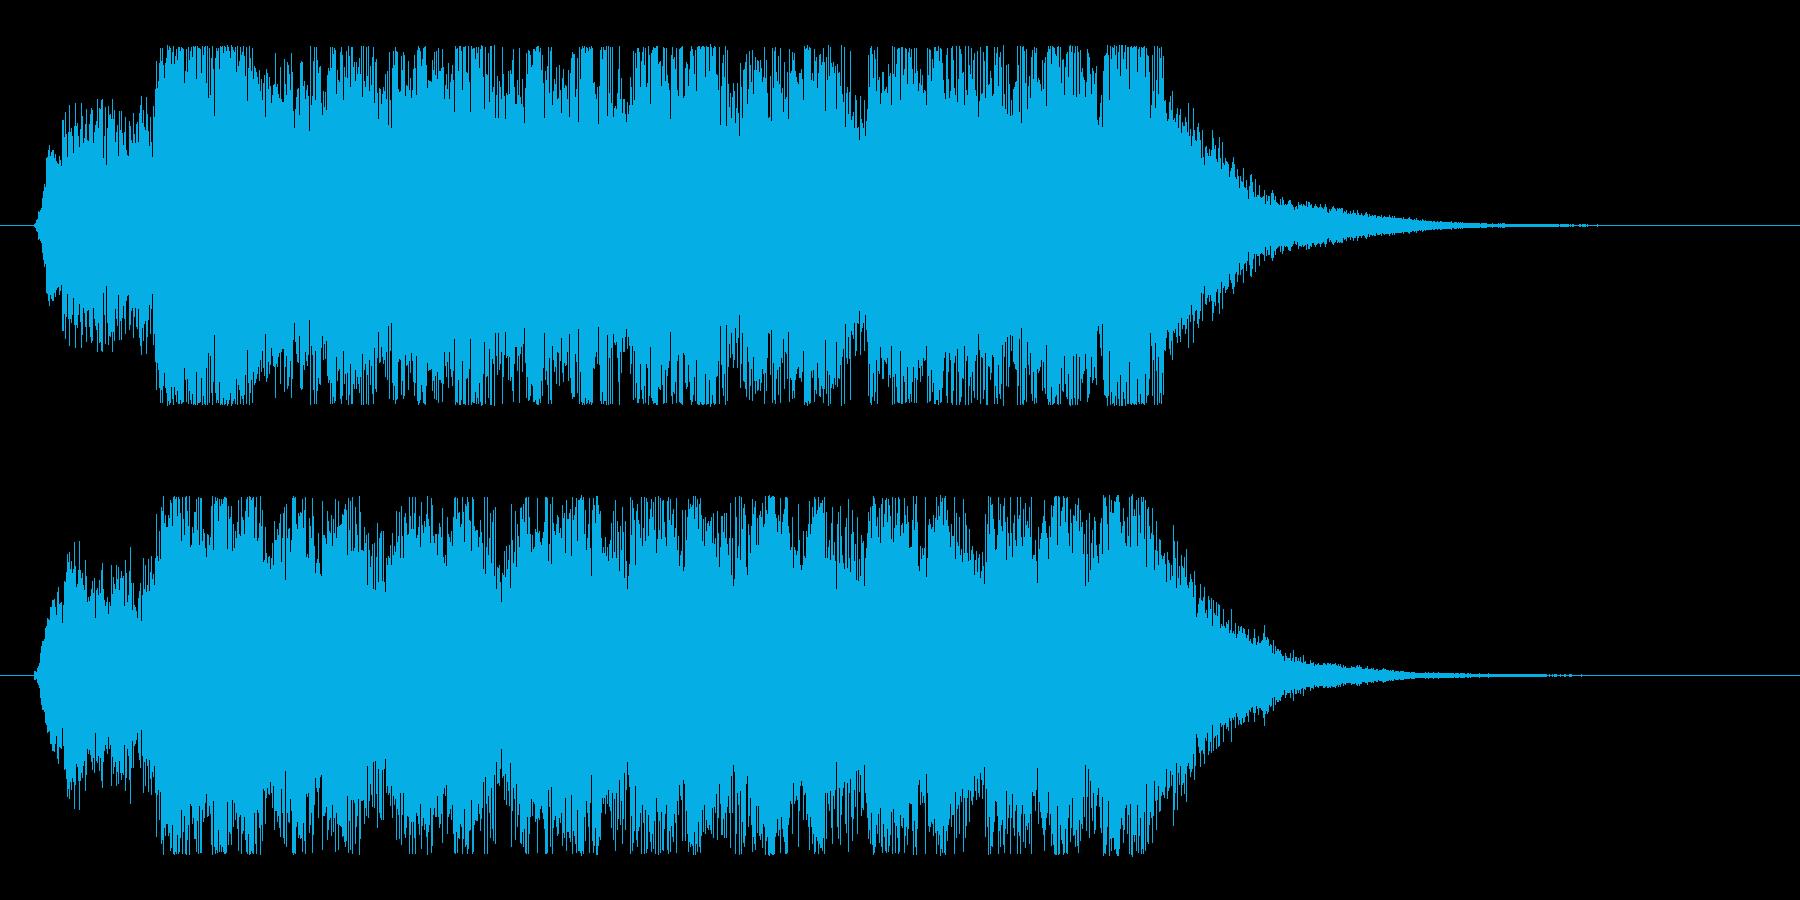 華やかなクリスマス&冬のオーケストラロゴの再生済みの波形